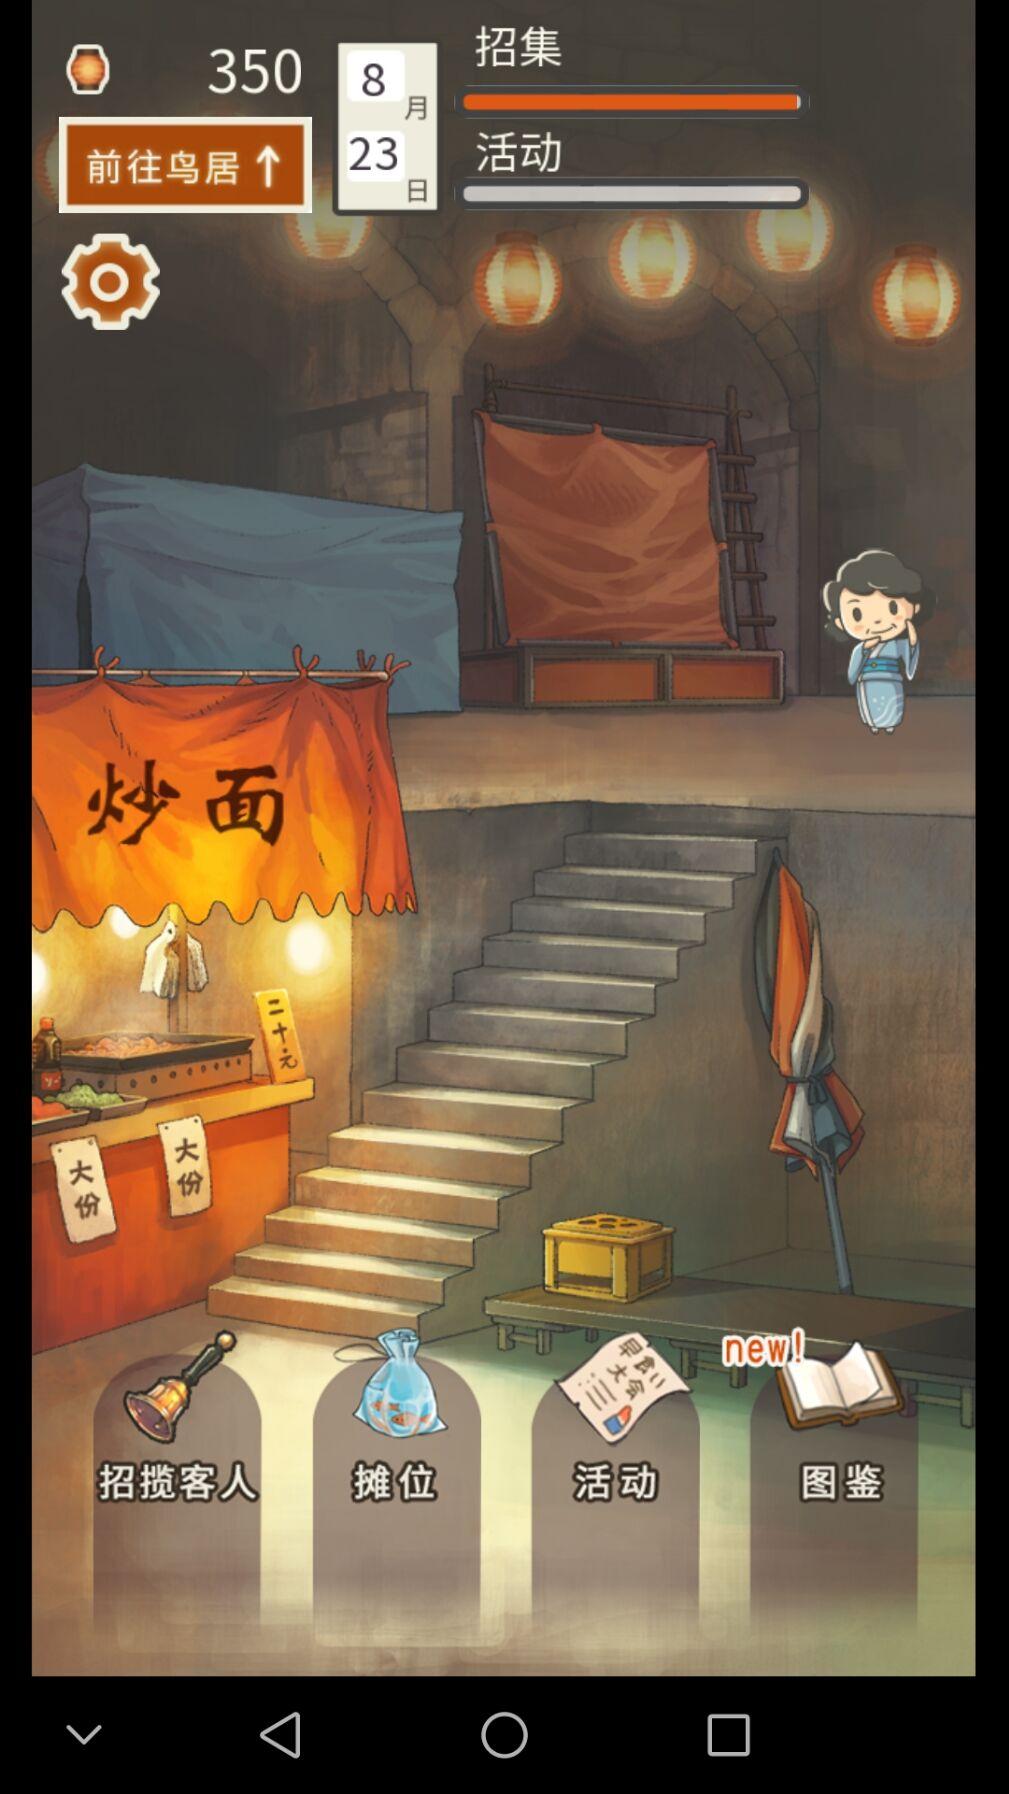 昭和盛夏祭典故事官方正式中文版 v1.0截图